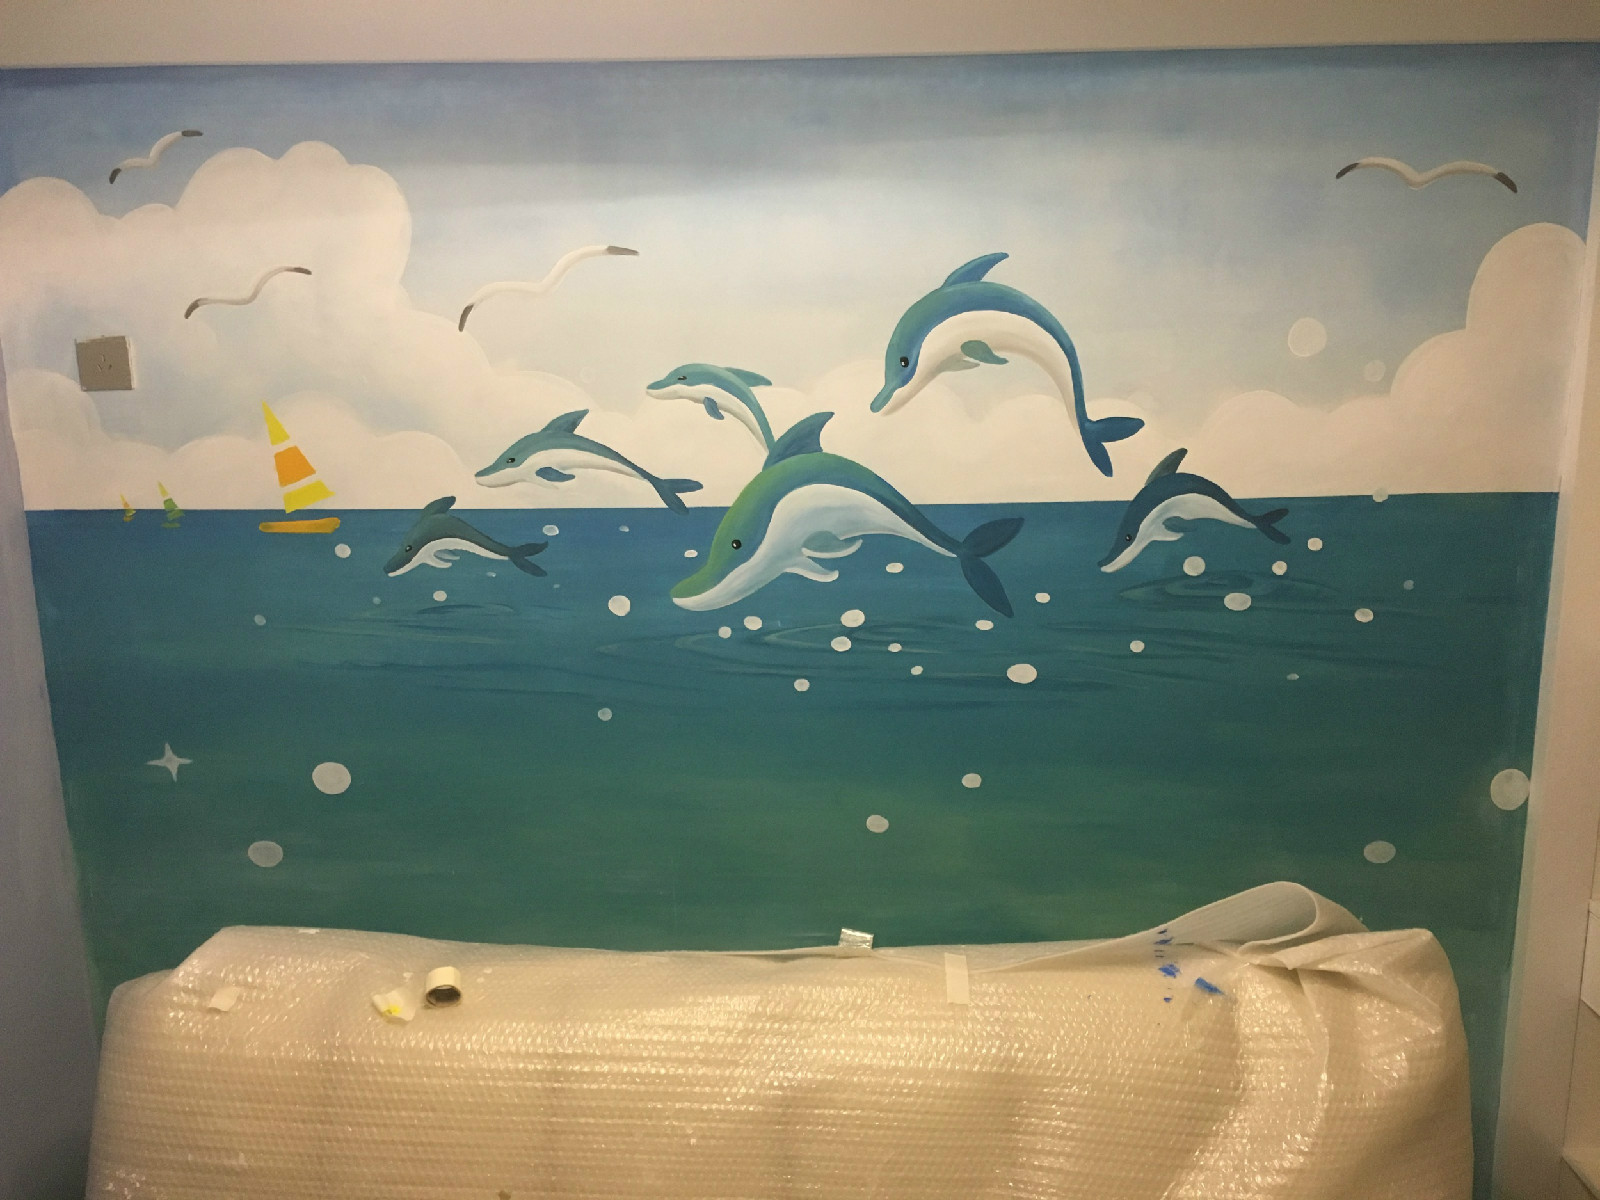 墙绘与壁纸、喷绘布优劣势比较分析